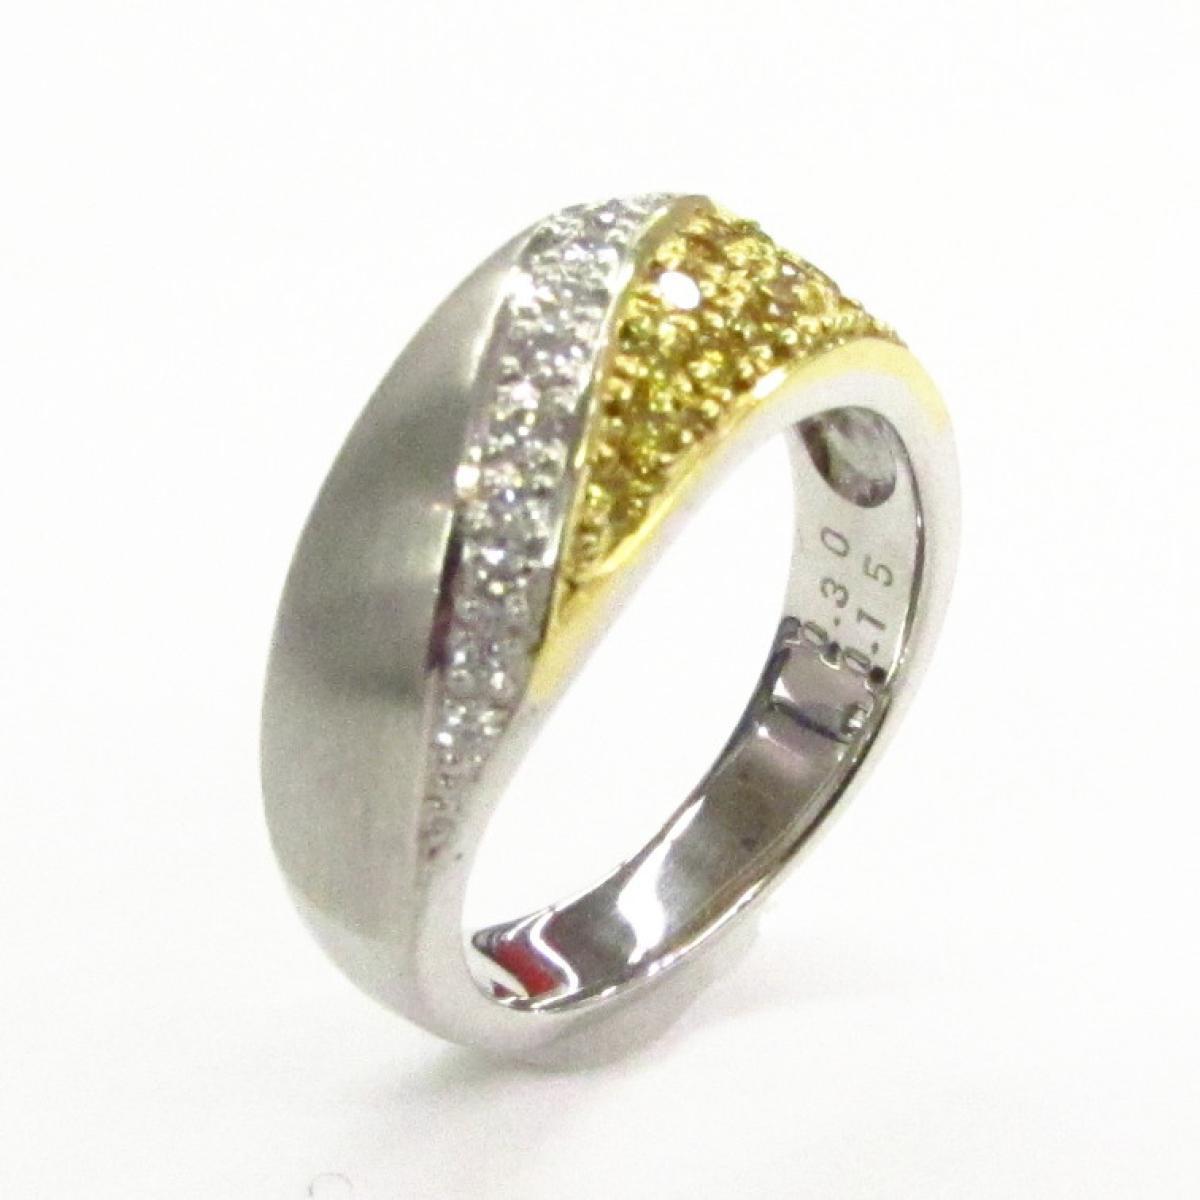 【中古】 ジュエリー ダイヤモンドリング レディース PT900 プラチナ x ダイヤモンド (0.30ct)   JEWELRY BRANDOFF ブランドオフ ブランド アクセサリー 指輪 リング